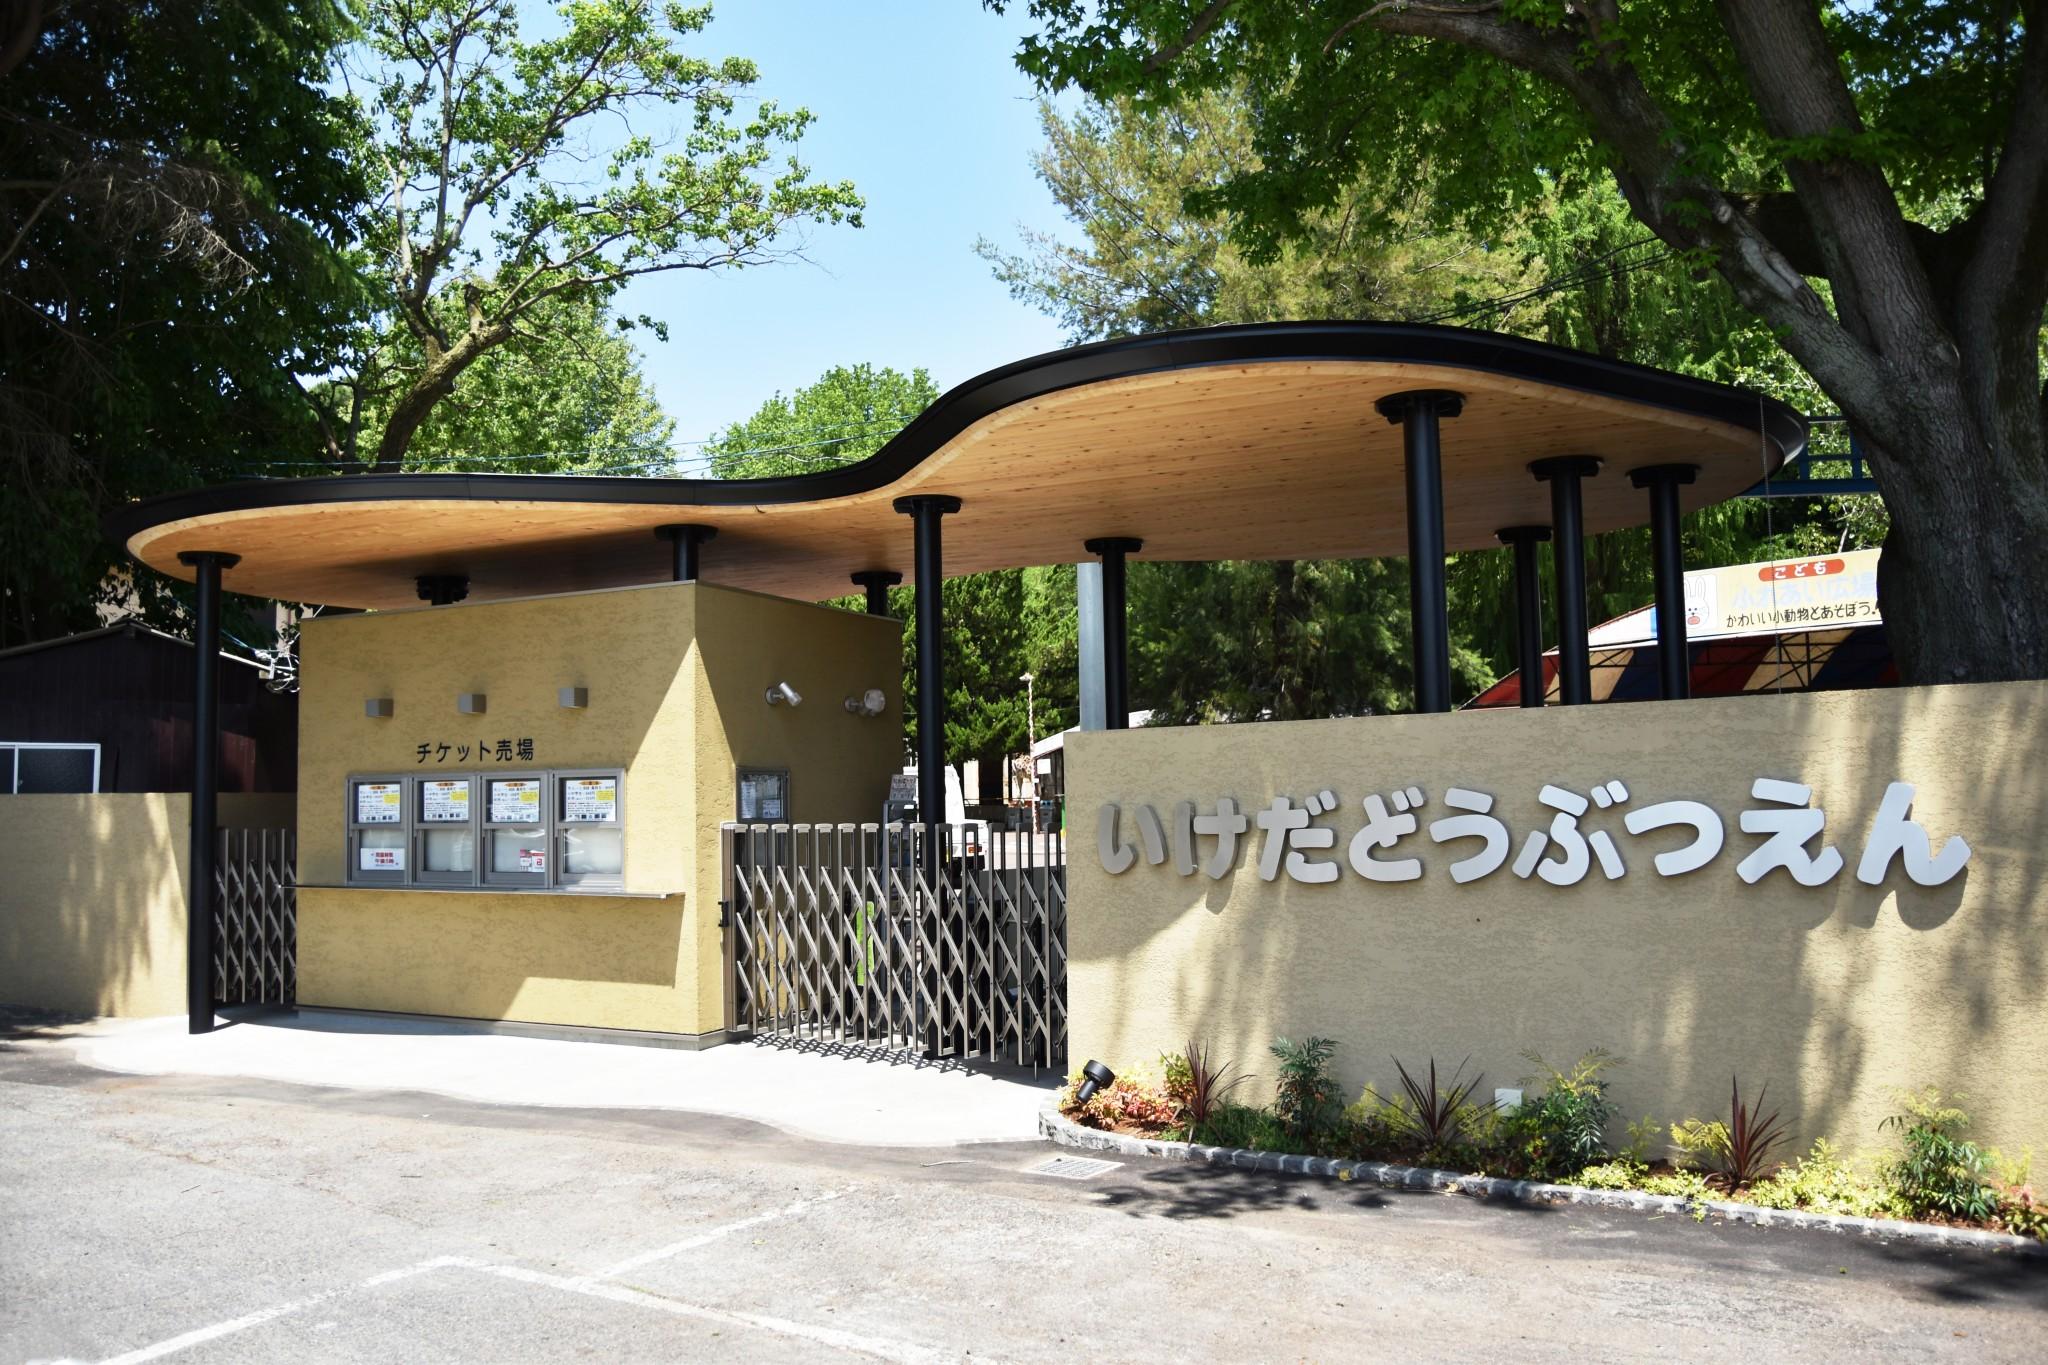 池田動物園 入場ゲート イメージ